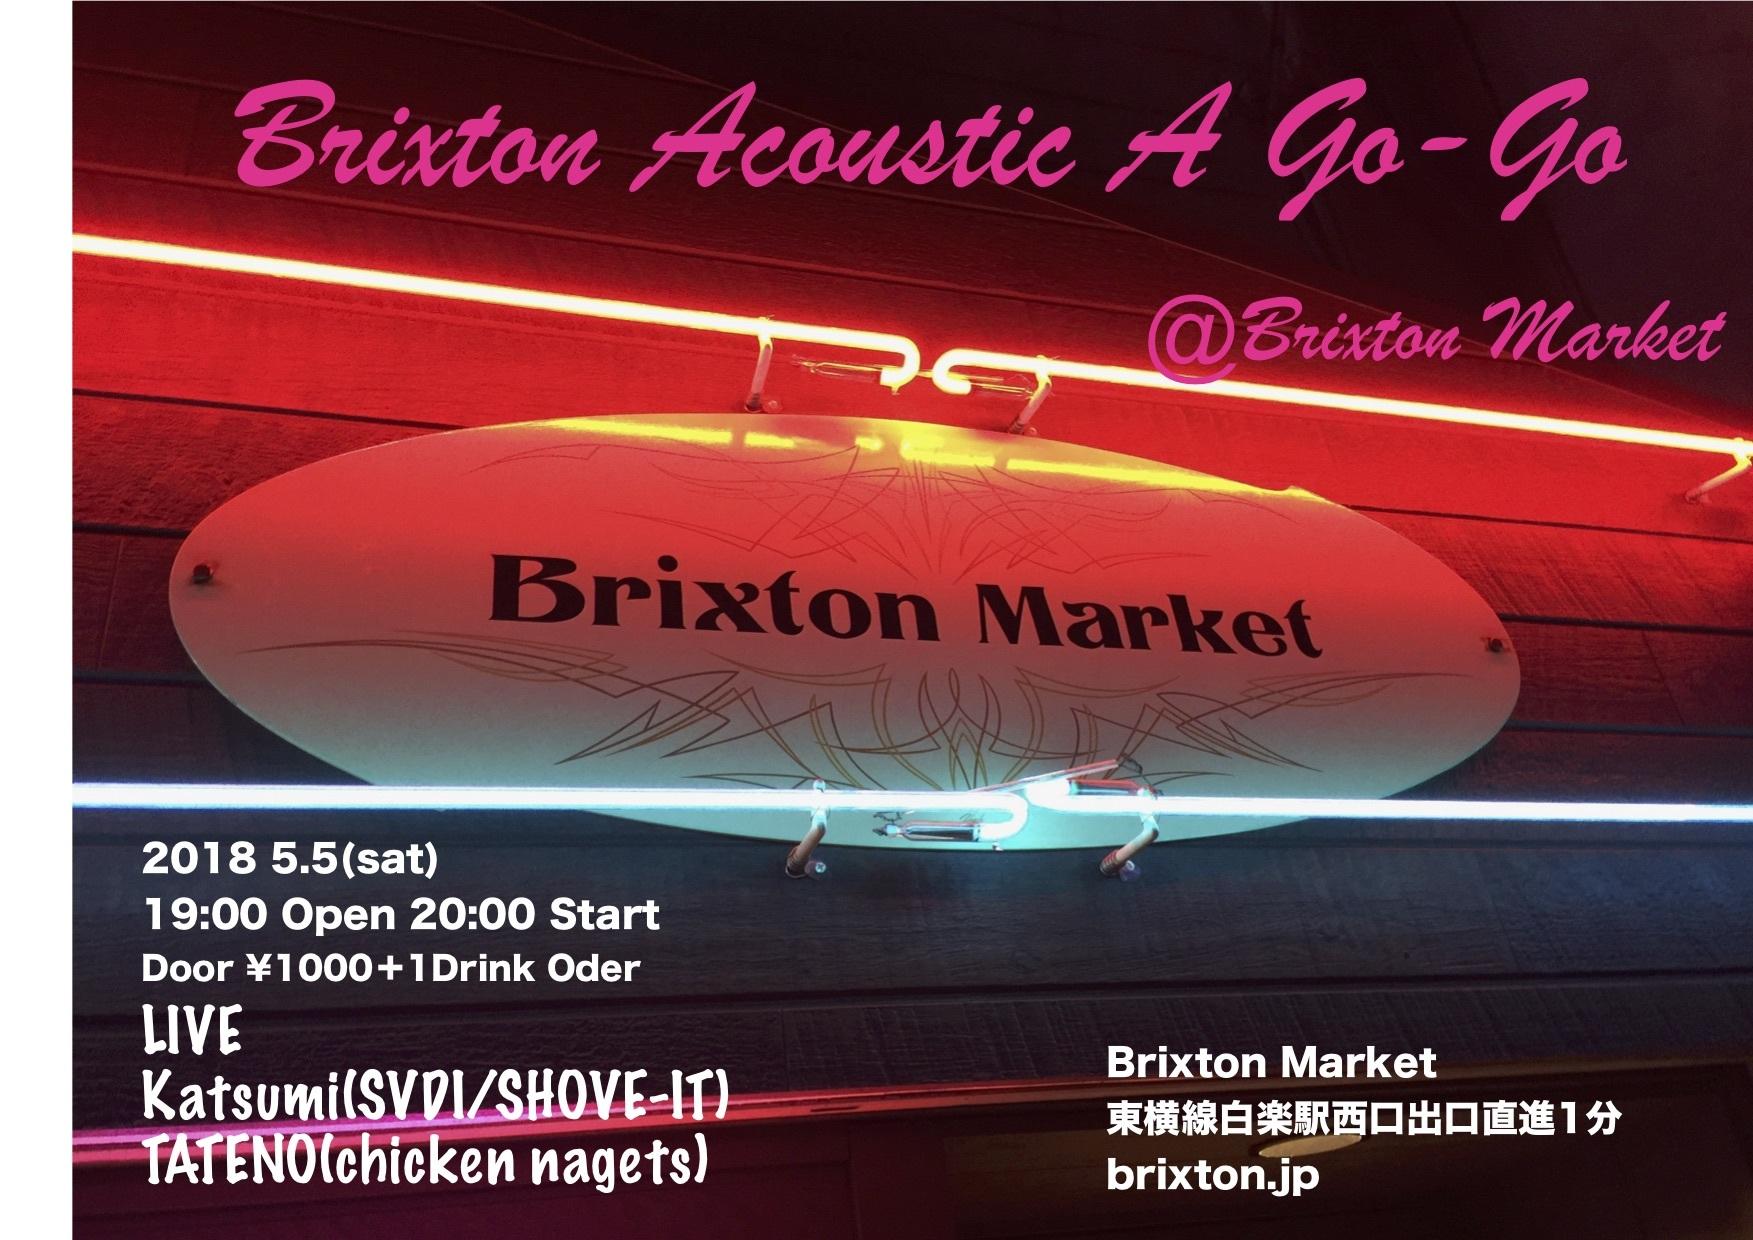 今宵はBrixton Acoustic A Go-Goです!_d0134311_15583984.jpg